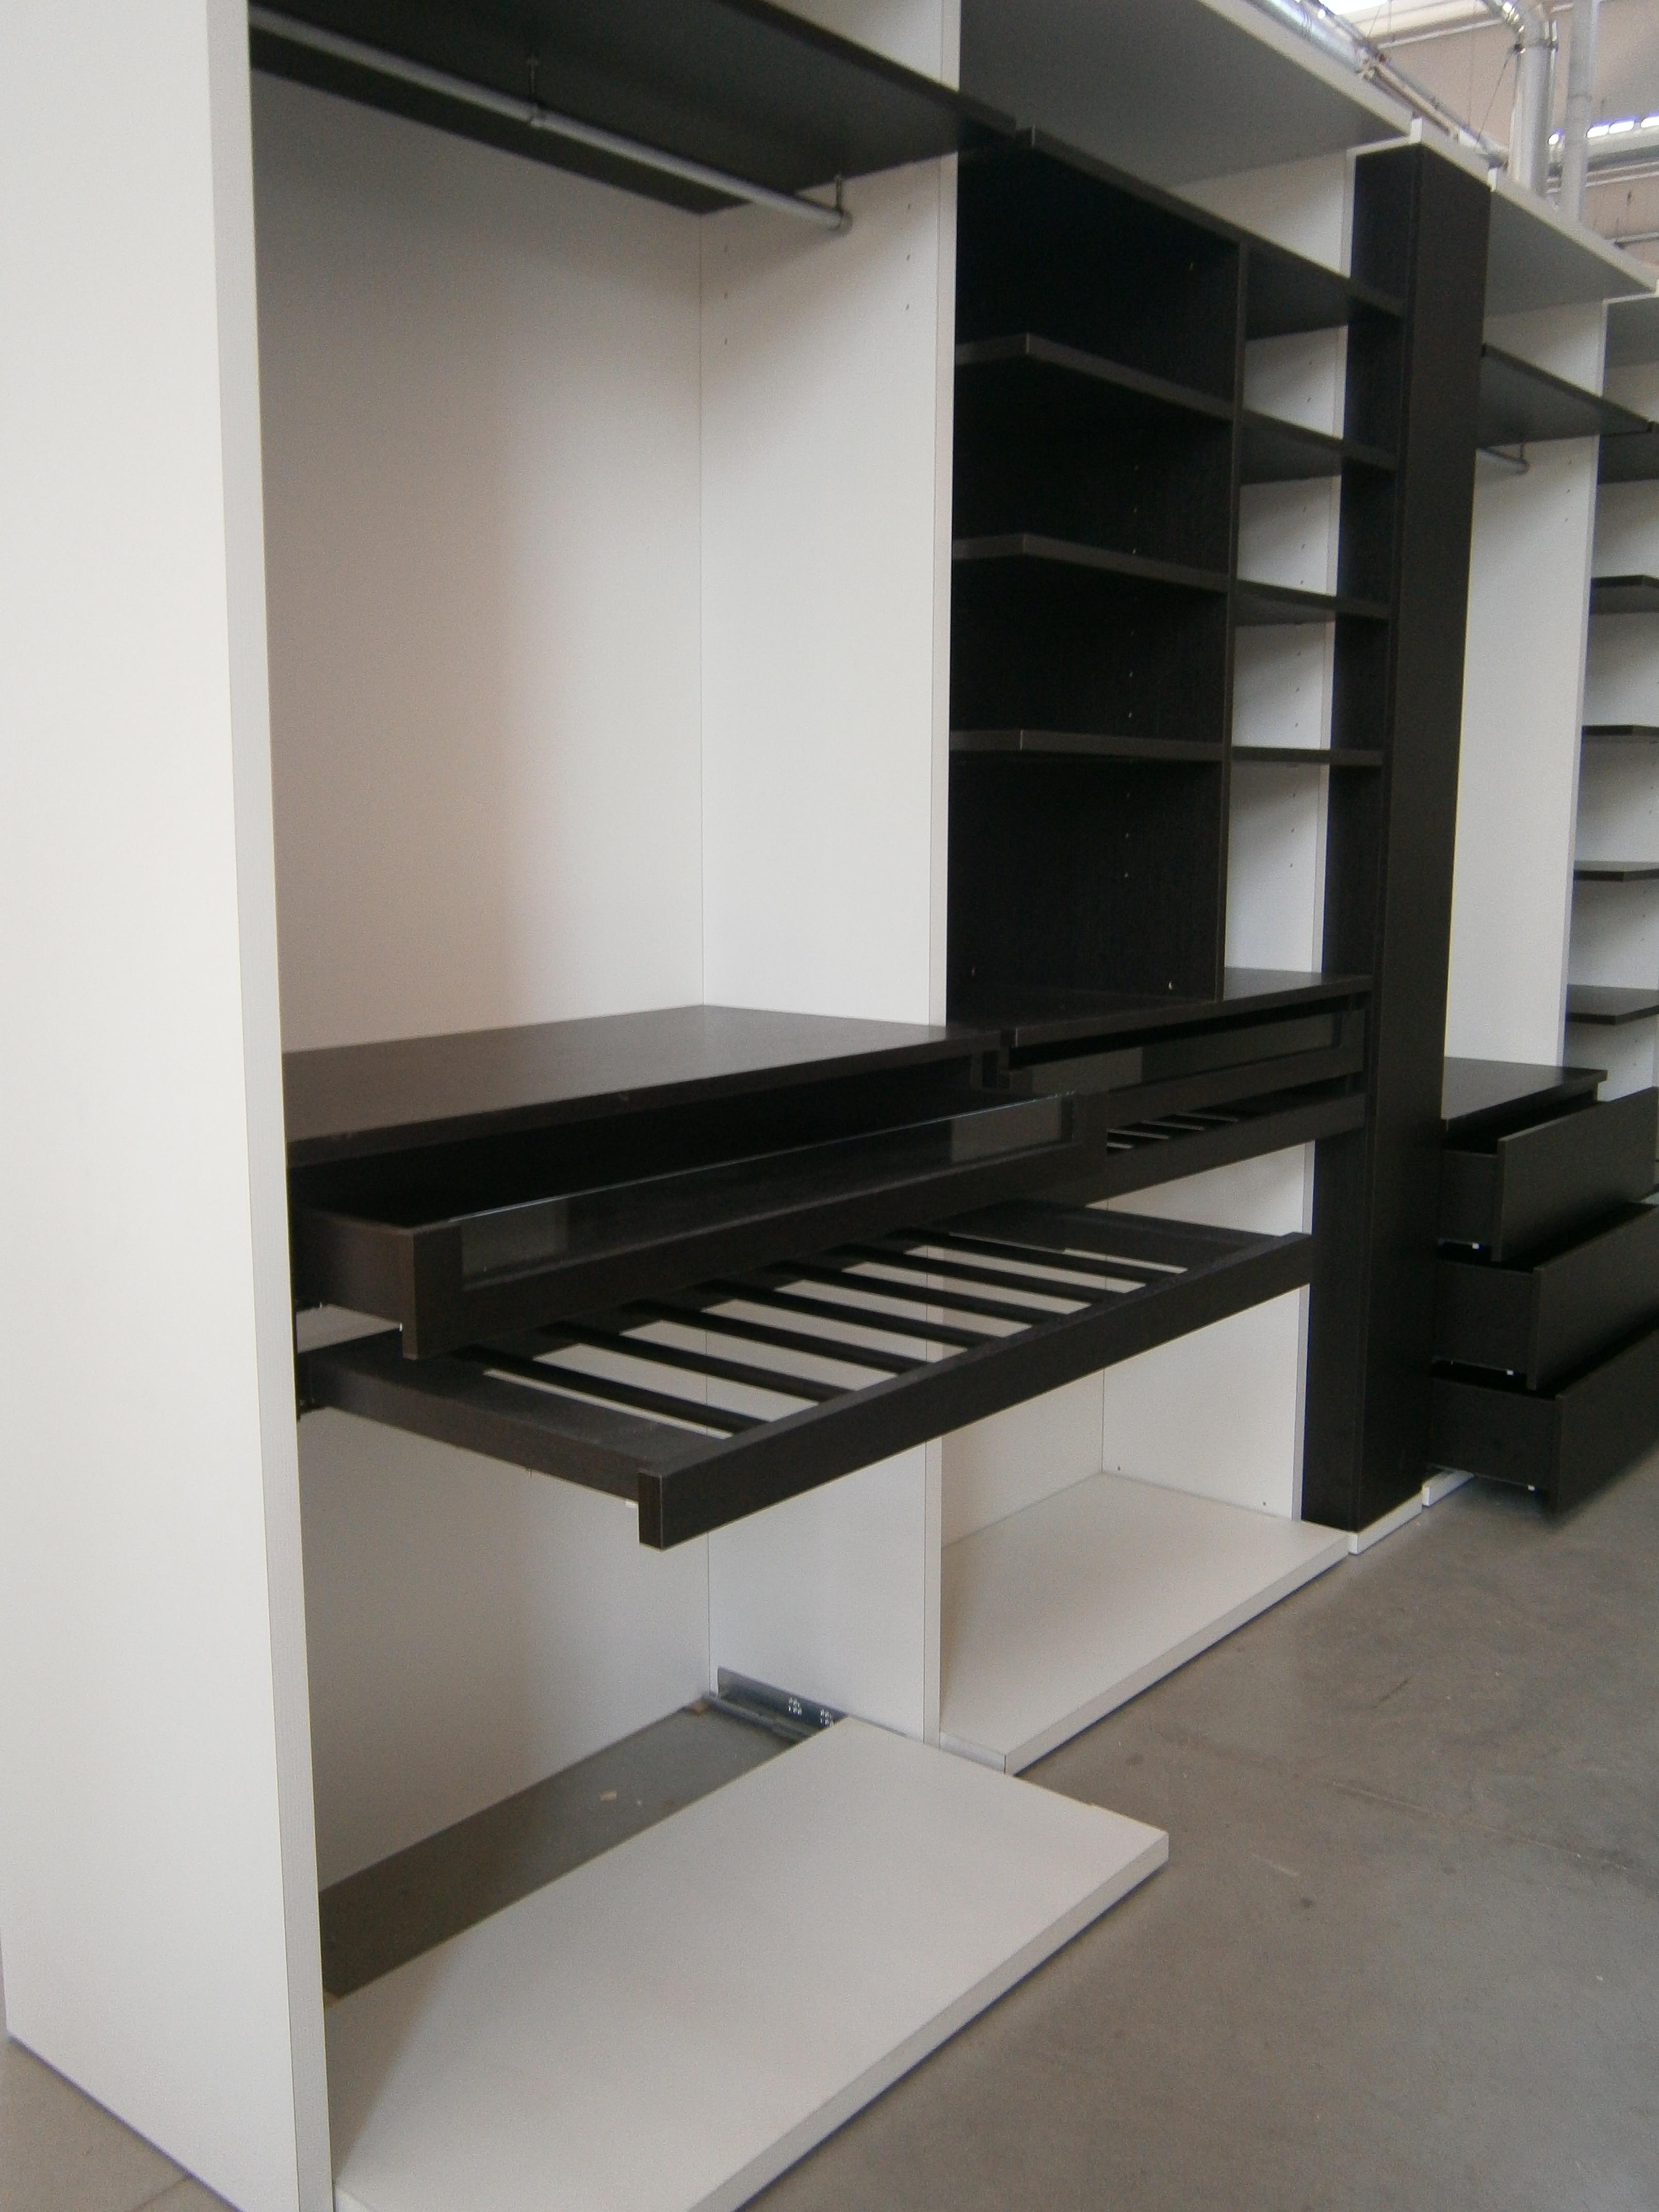 cabine armadio su misura produzione ESCAPE='HTML'